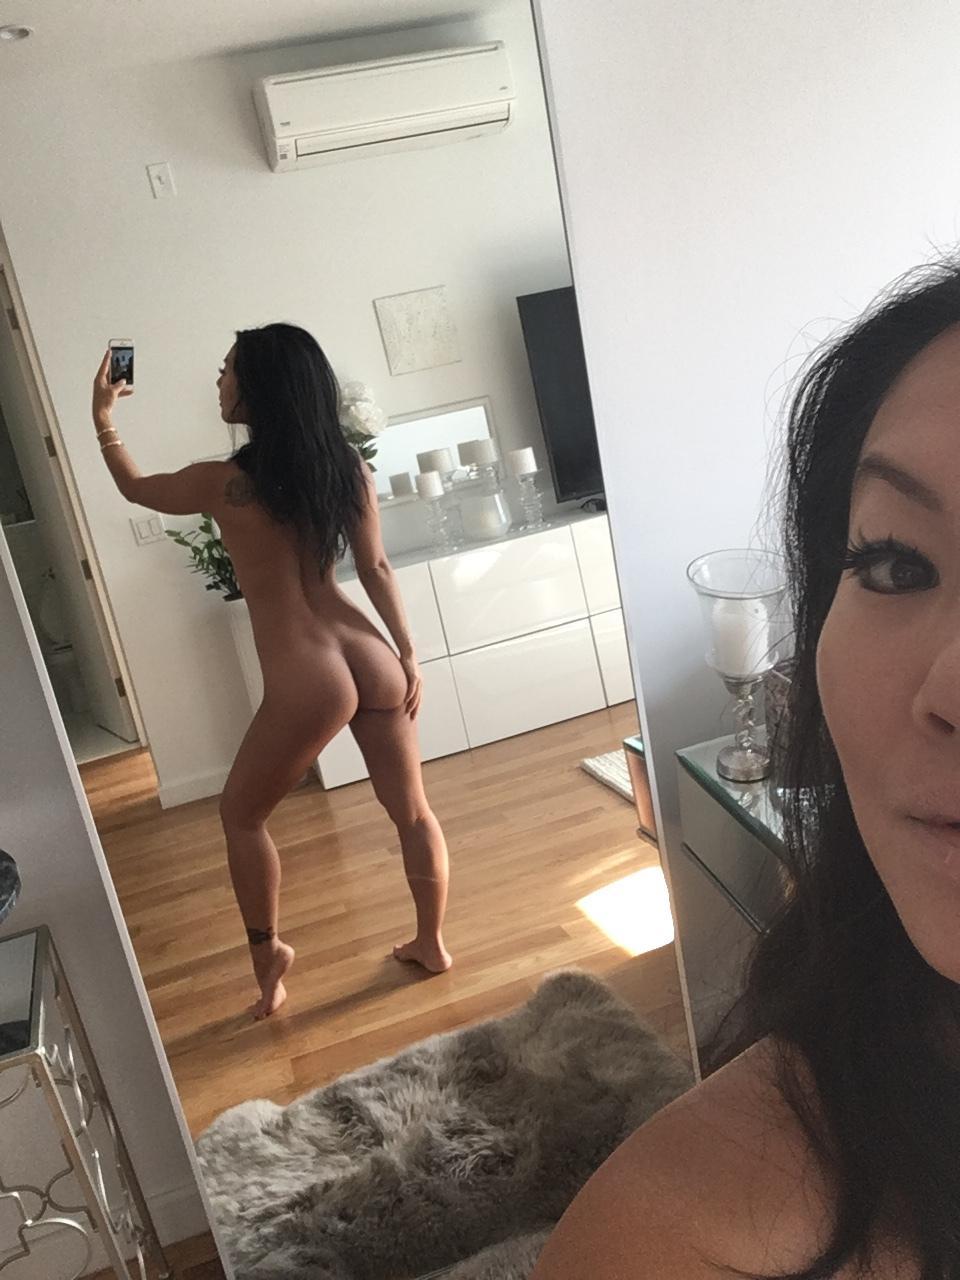 Asa Akira Nude Mirror Selfie Onlyfans Set Leaked Yvwhyn